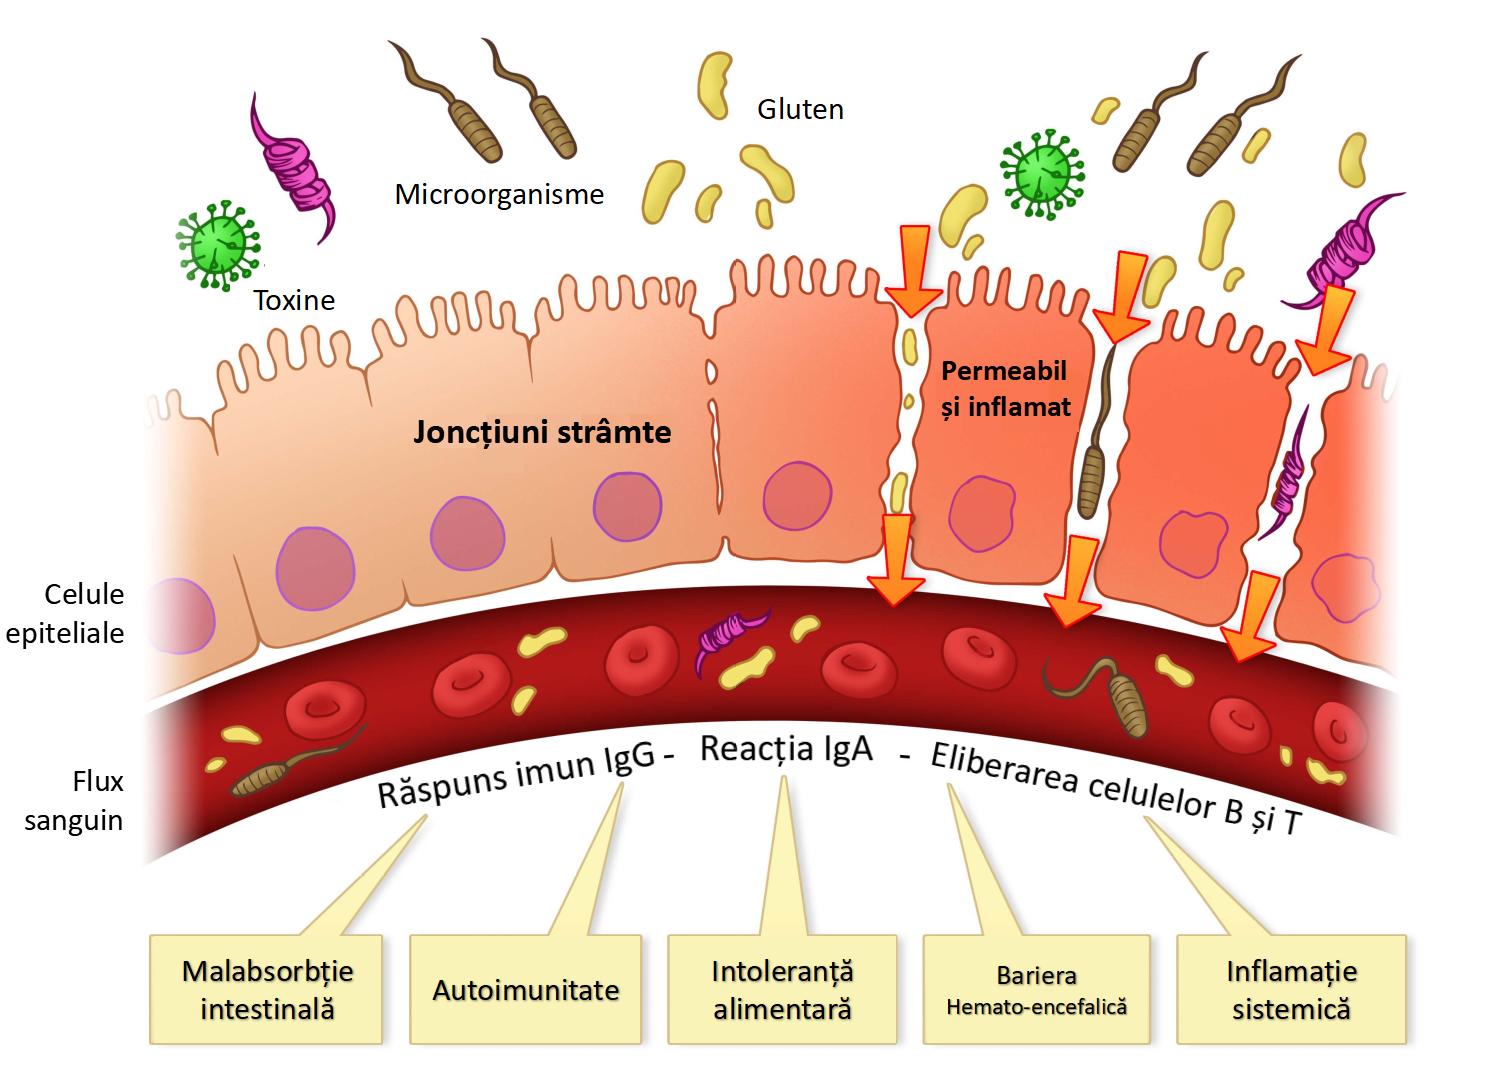 Permeabilitate și inflamație intestinală